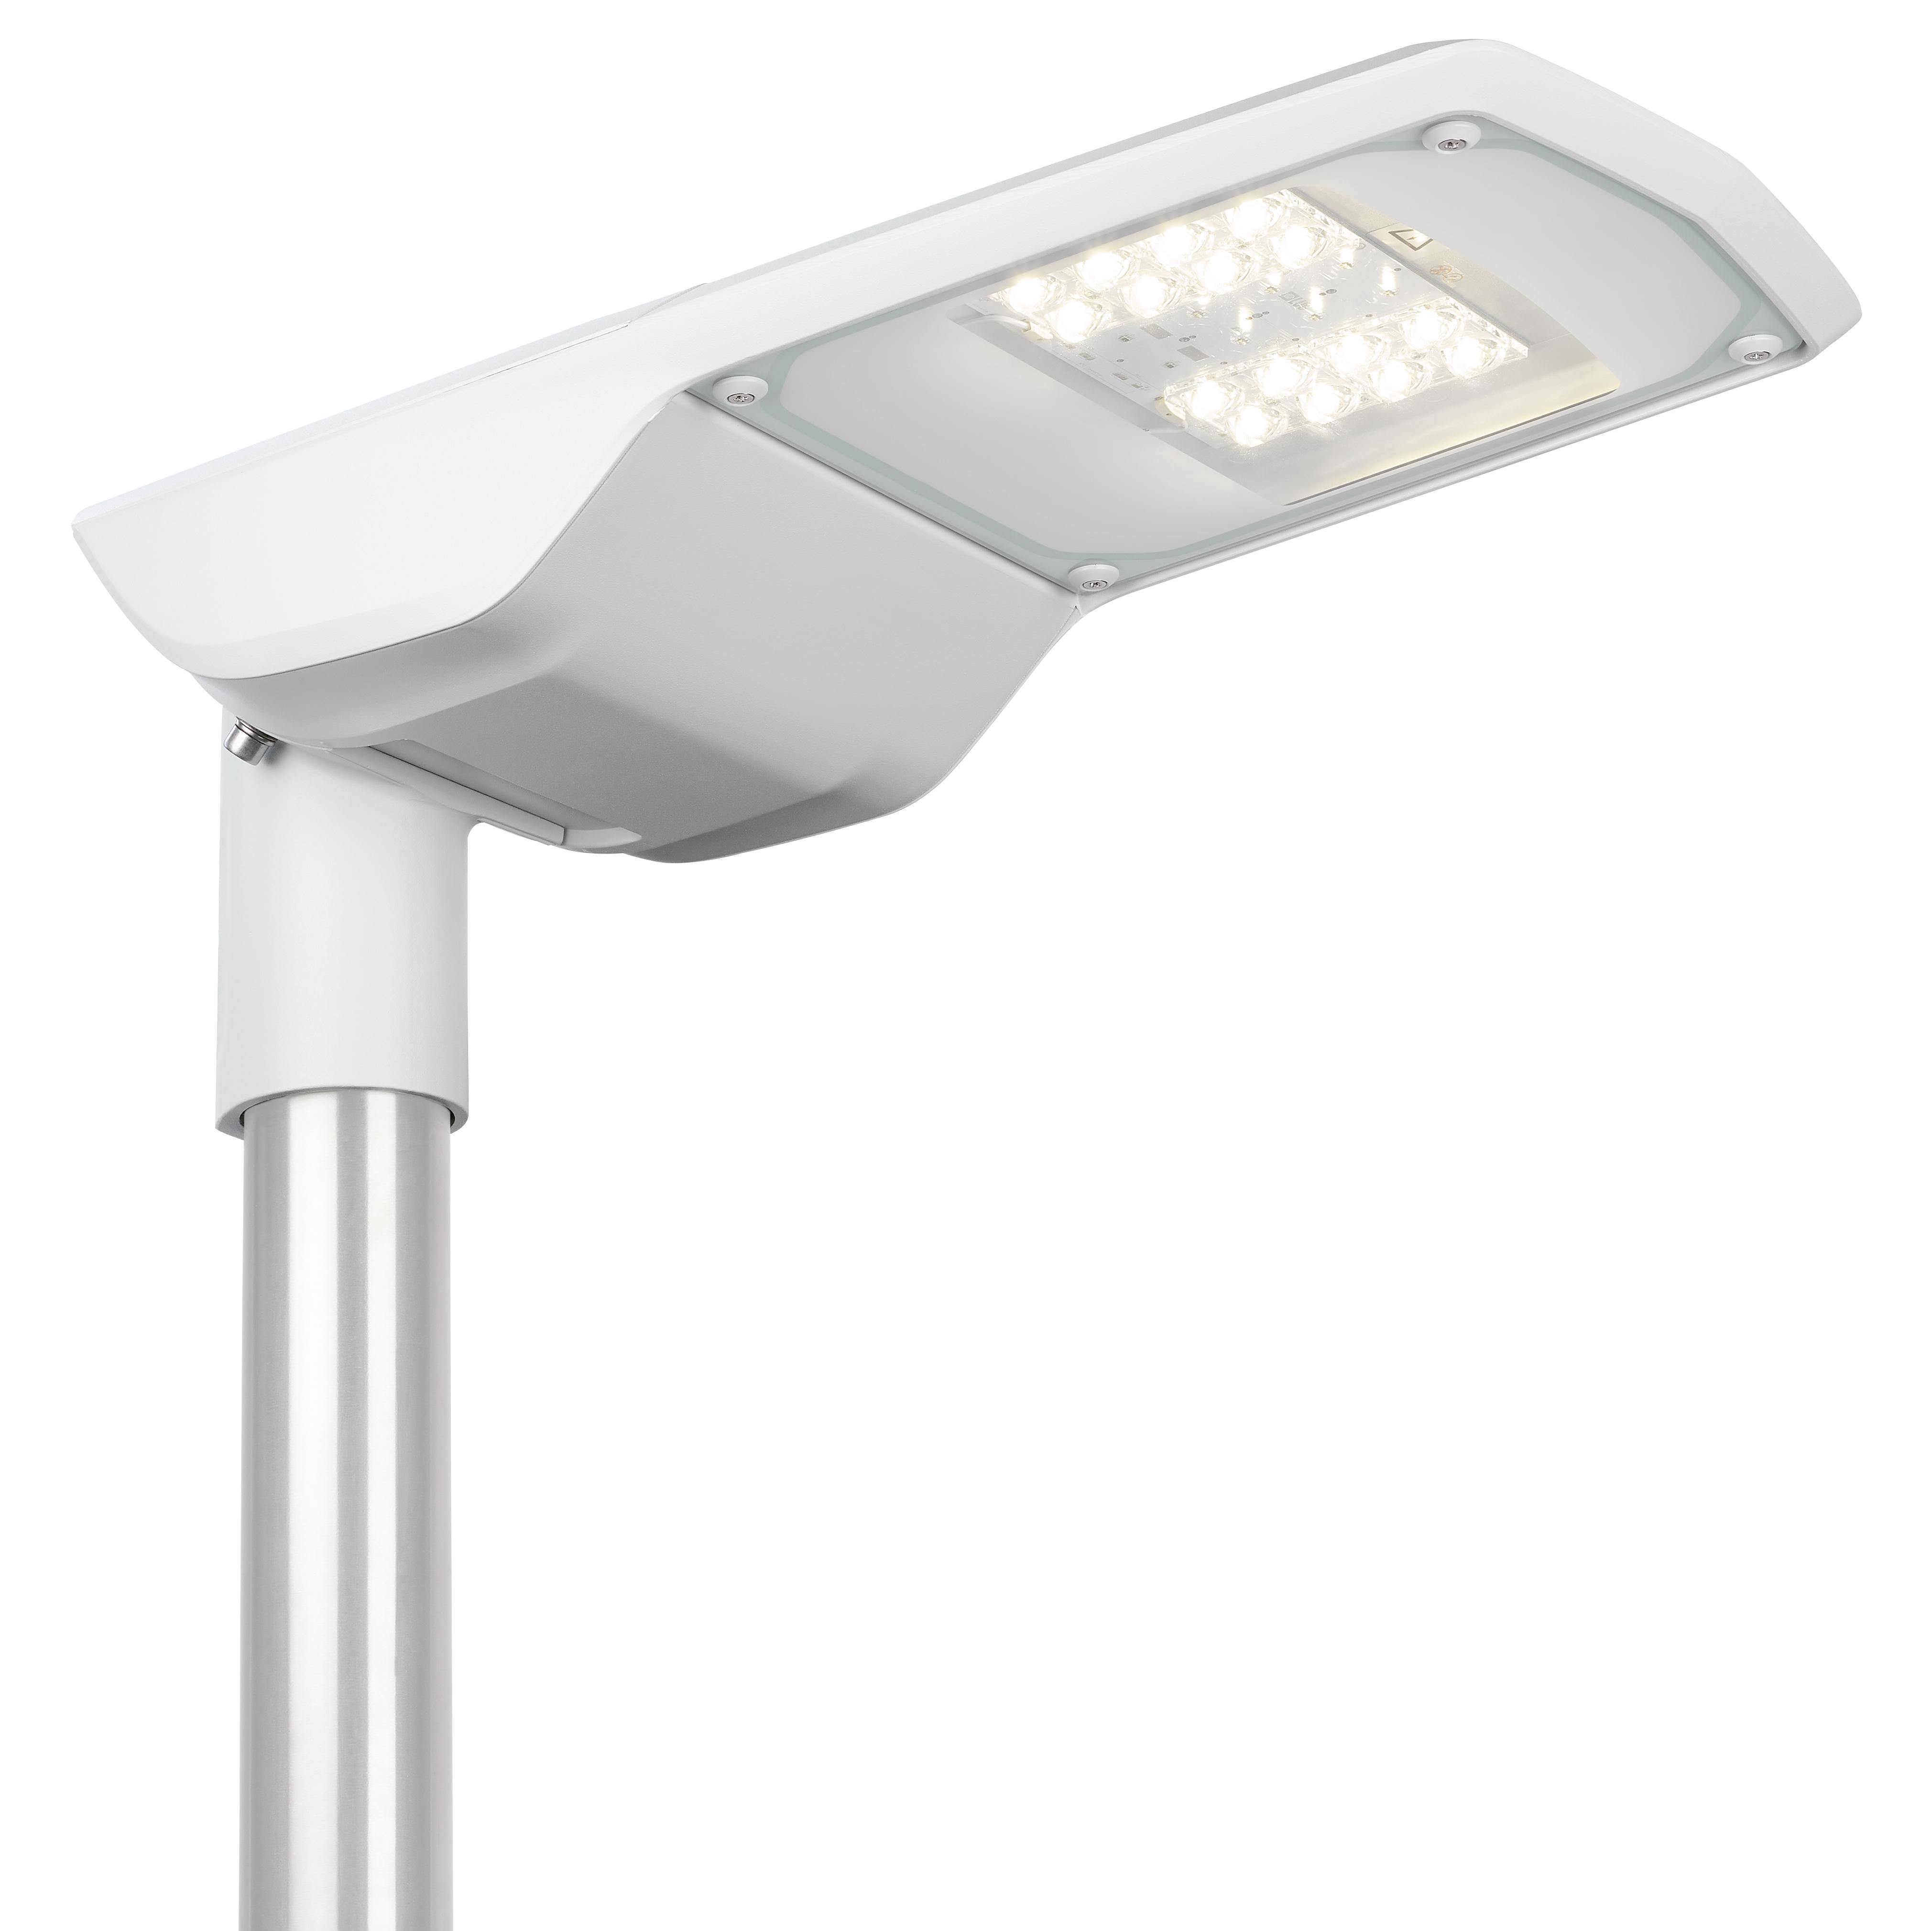 1 Stk RUBINO LED 36W 4150lm/740 EVG IP66 O7 grau class II LIGL132061